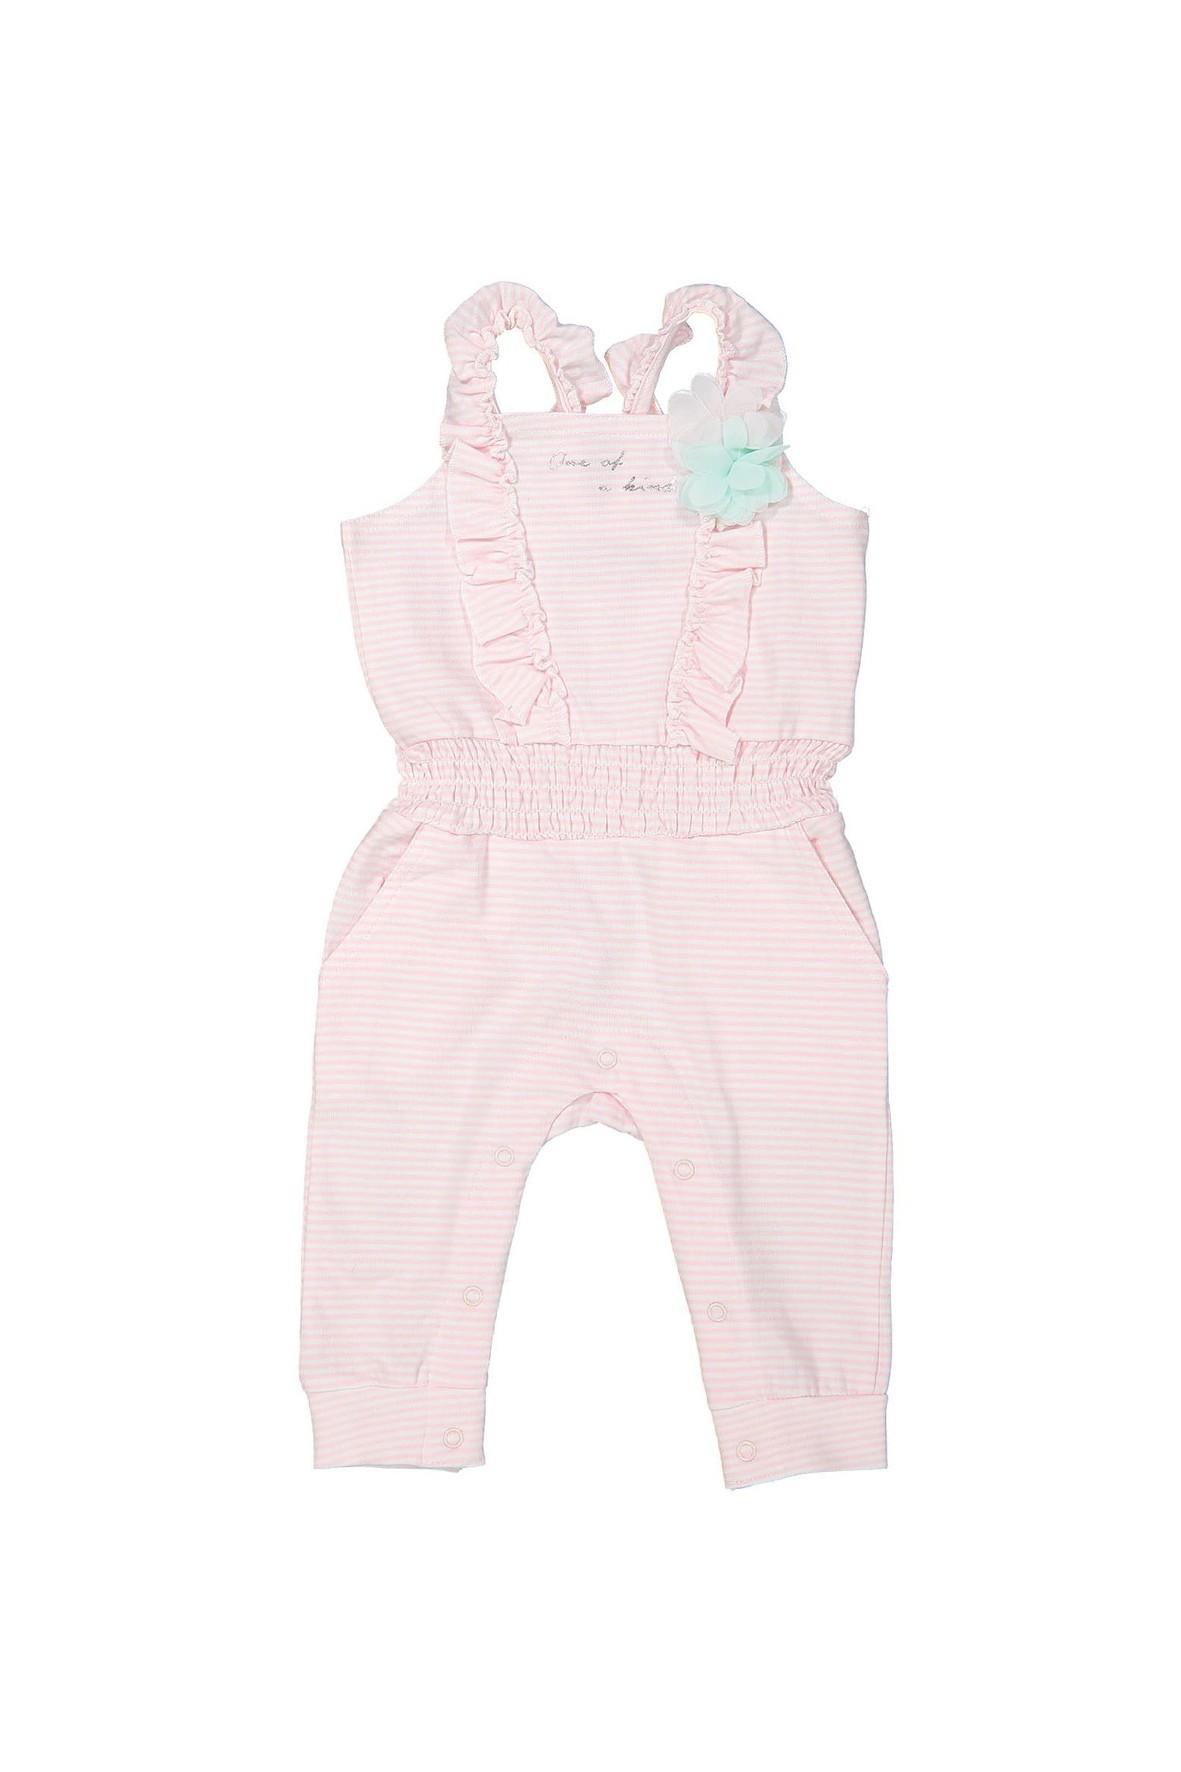 Kombinezon dla niemowlaka na lato- różowo białe paski